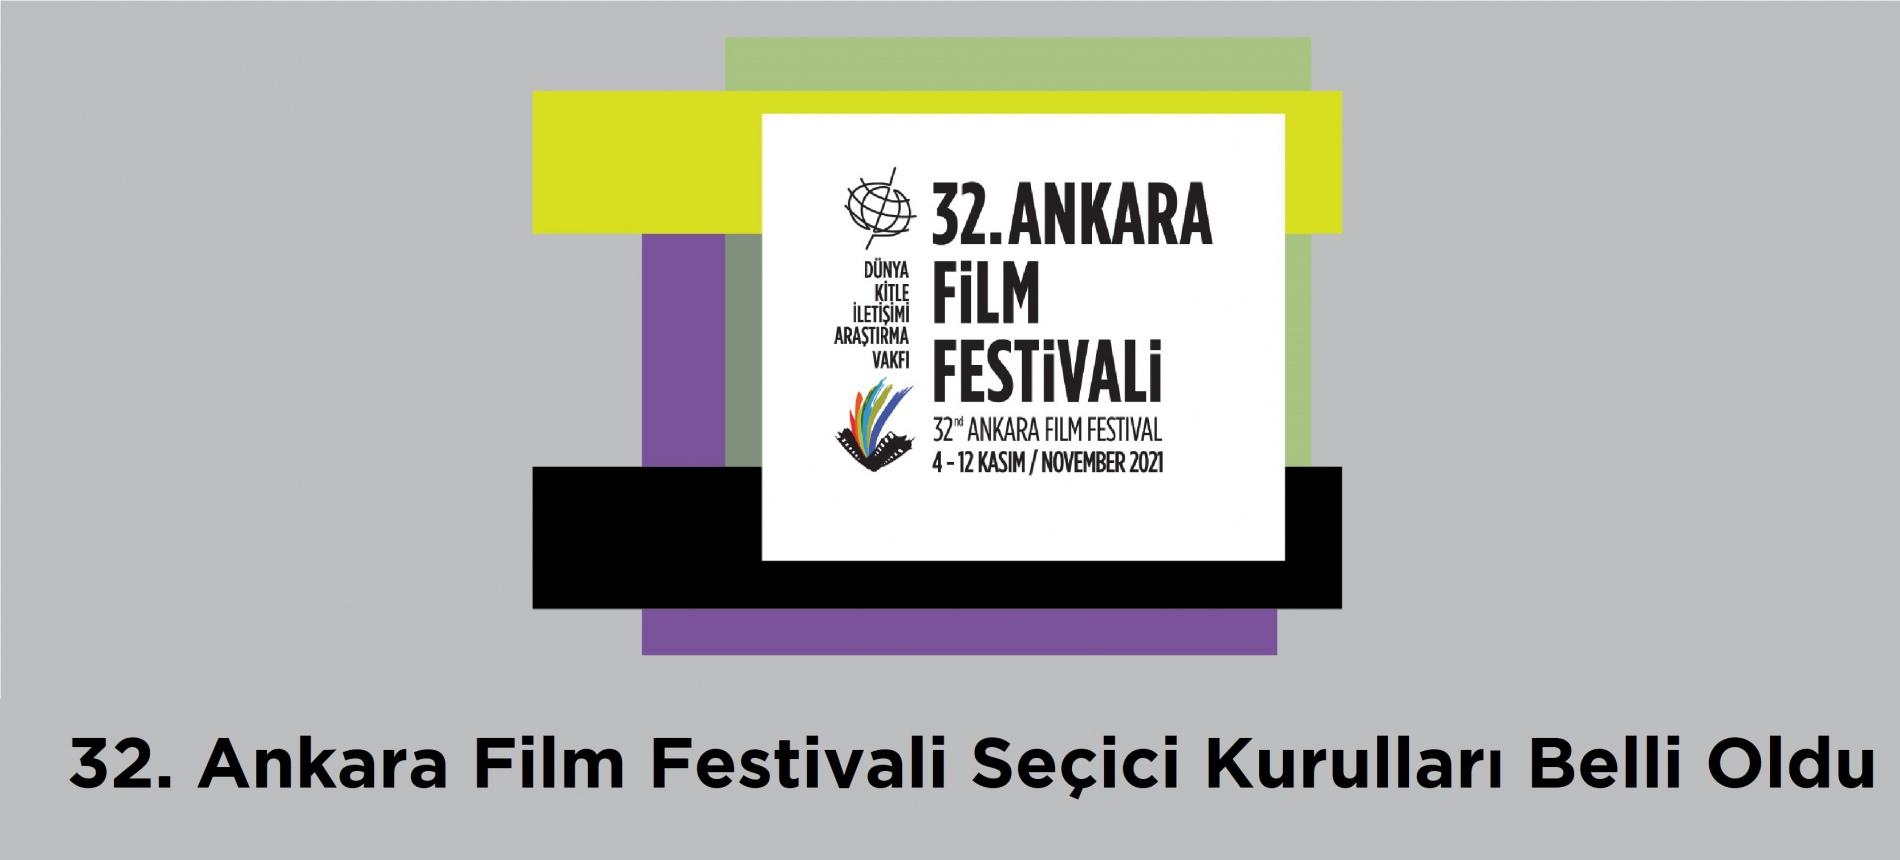 32. Ankara Film Festivali Seçici Kurulları Belli Oldu!